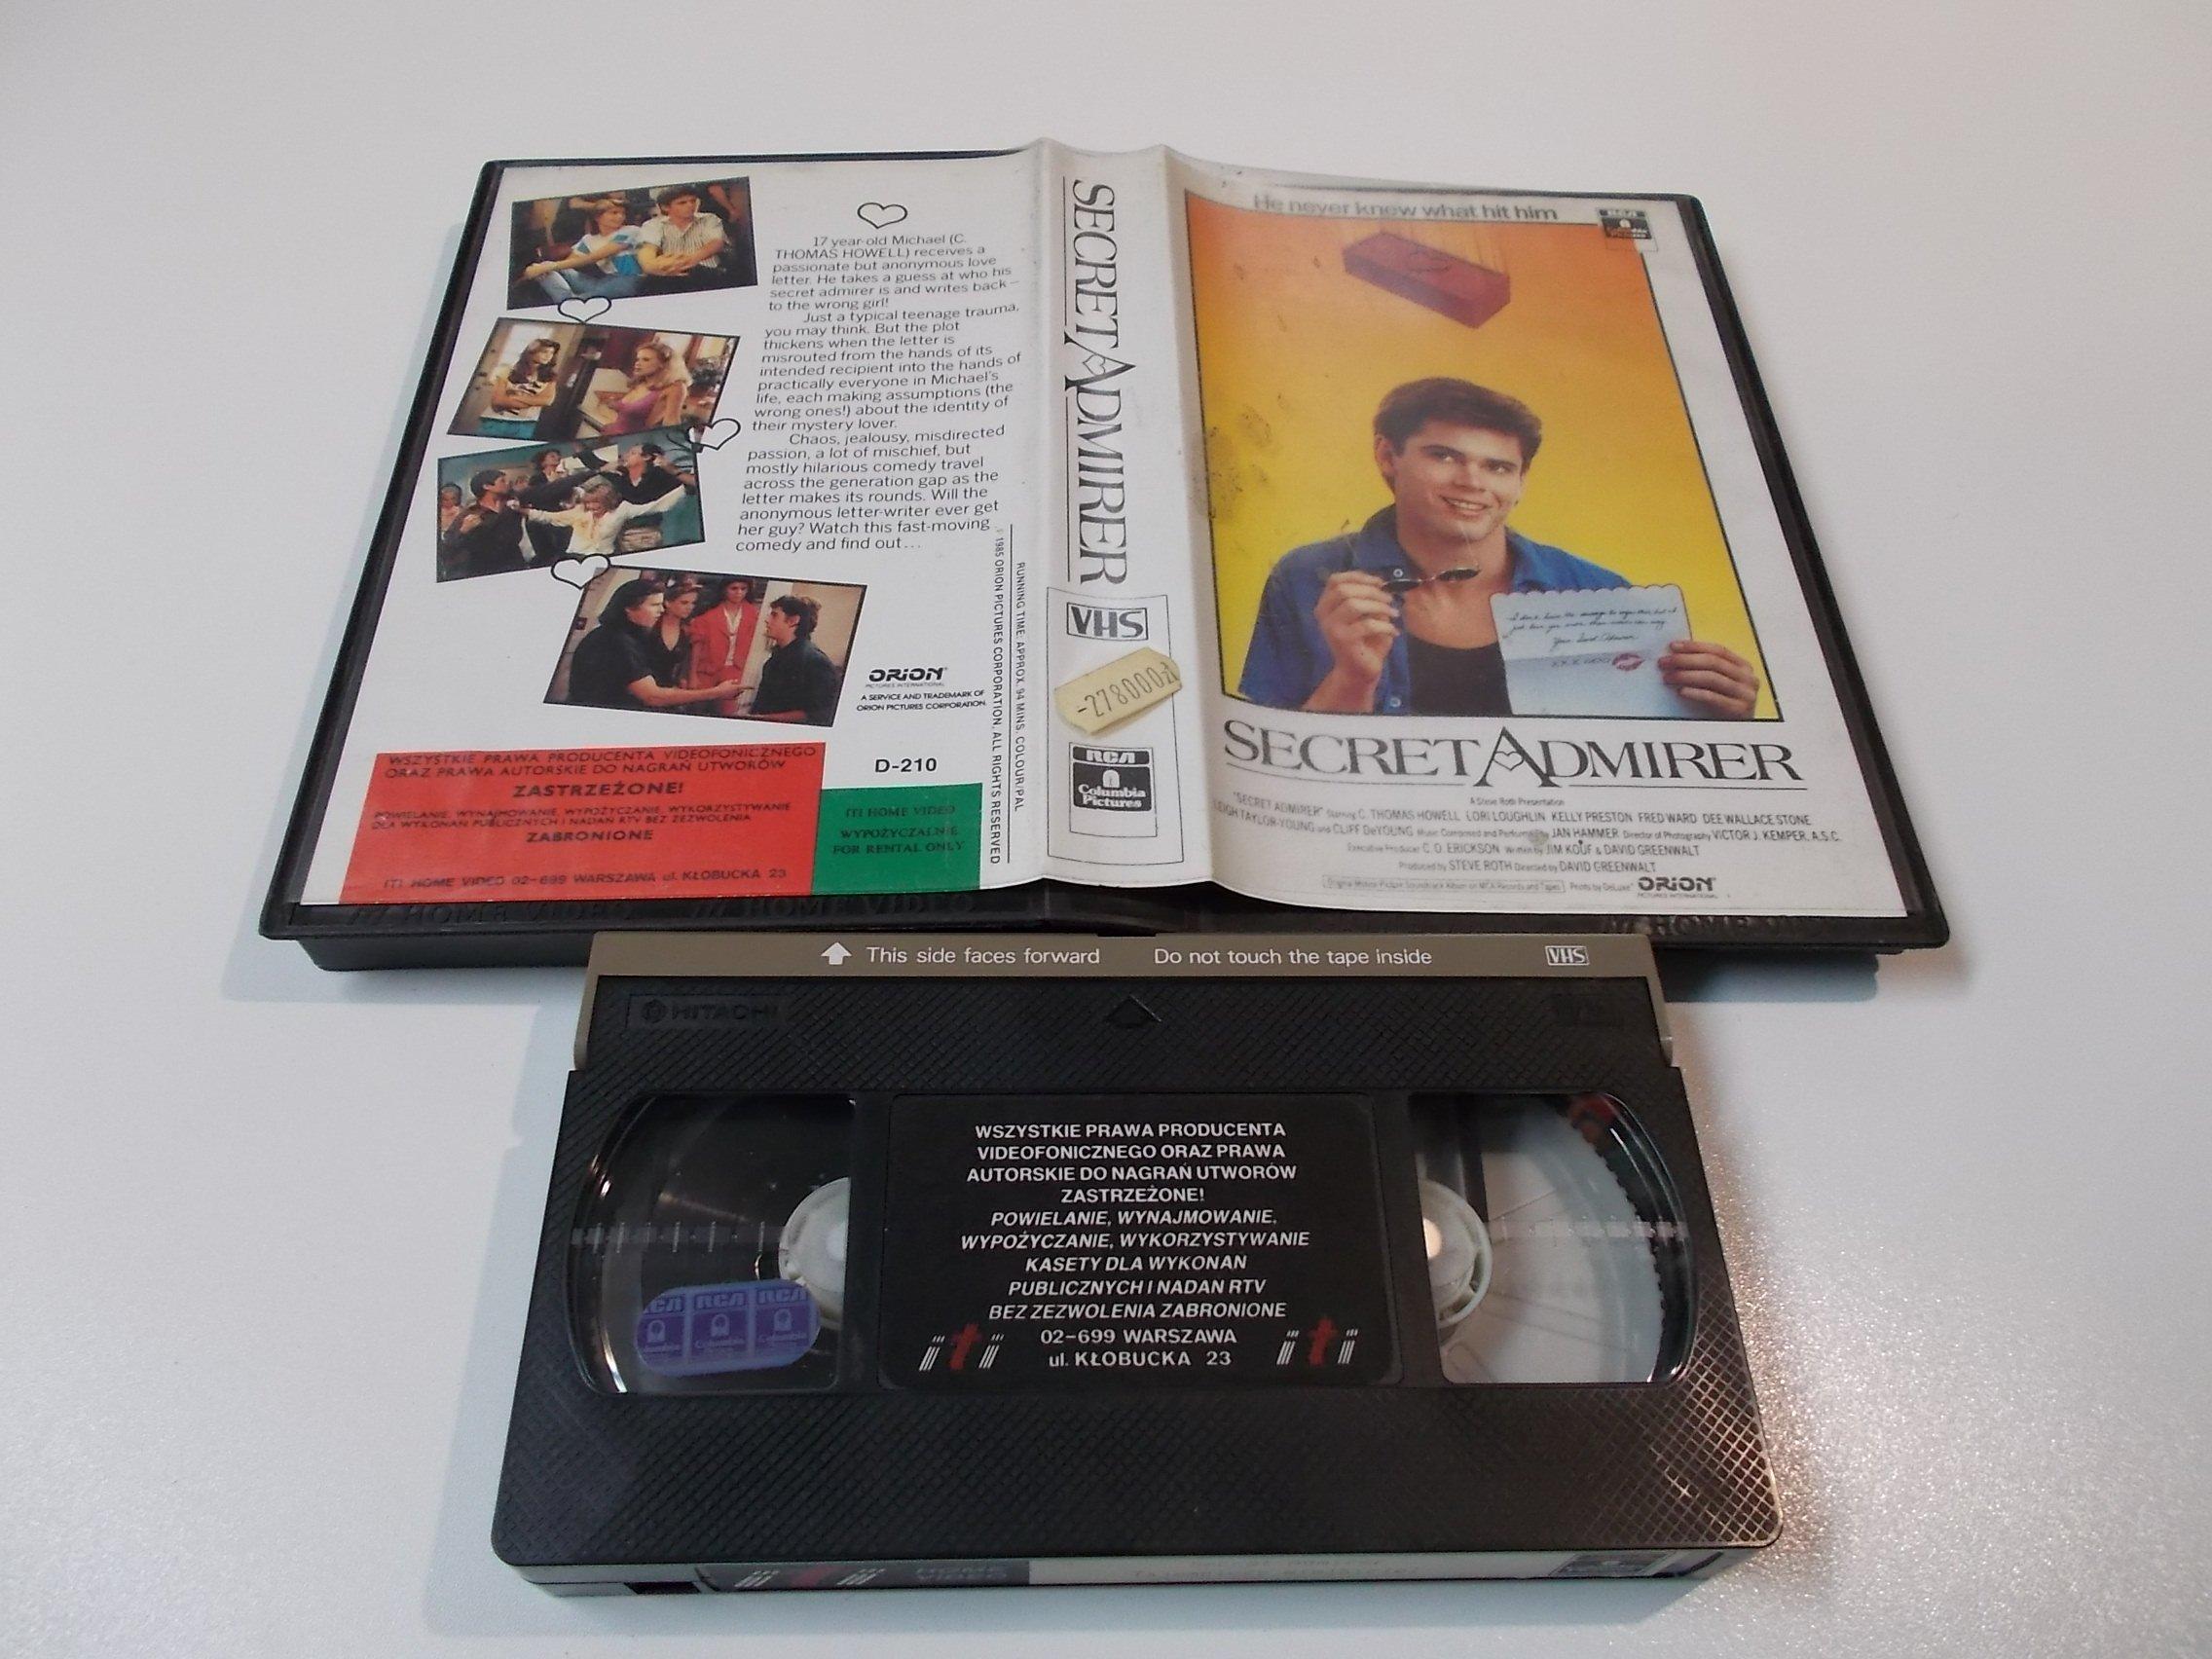 TAJEMNICYZ WIELBICIEL - kaseta Video VHS - 1429 Sklep